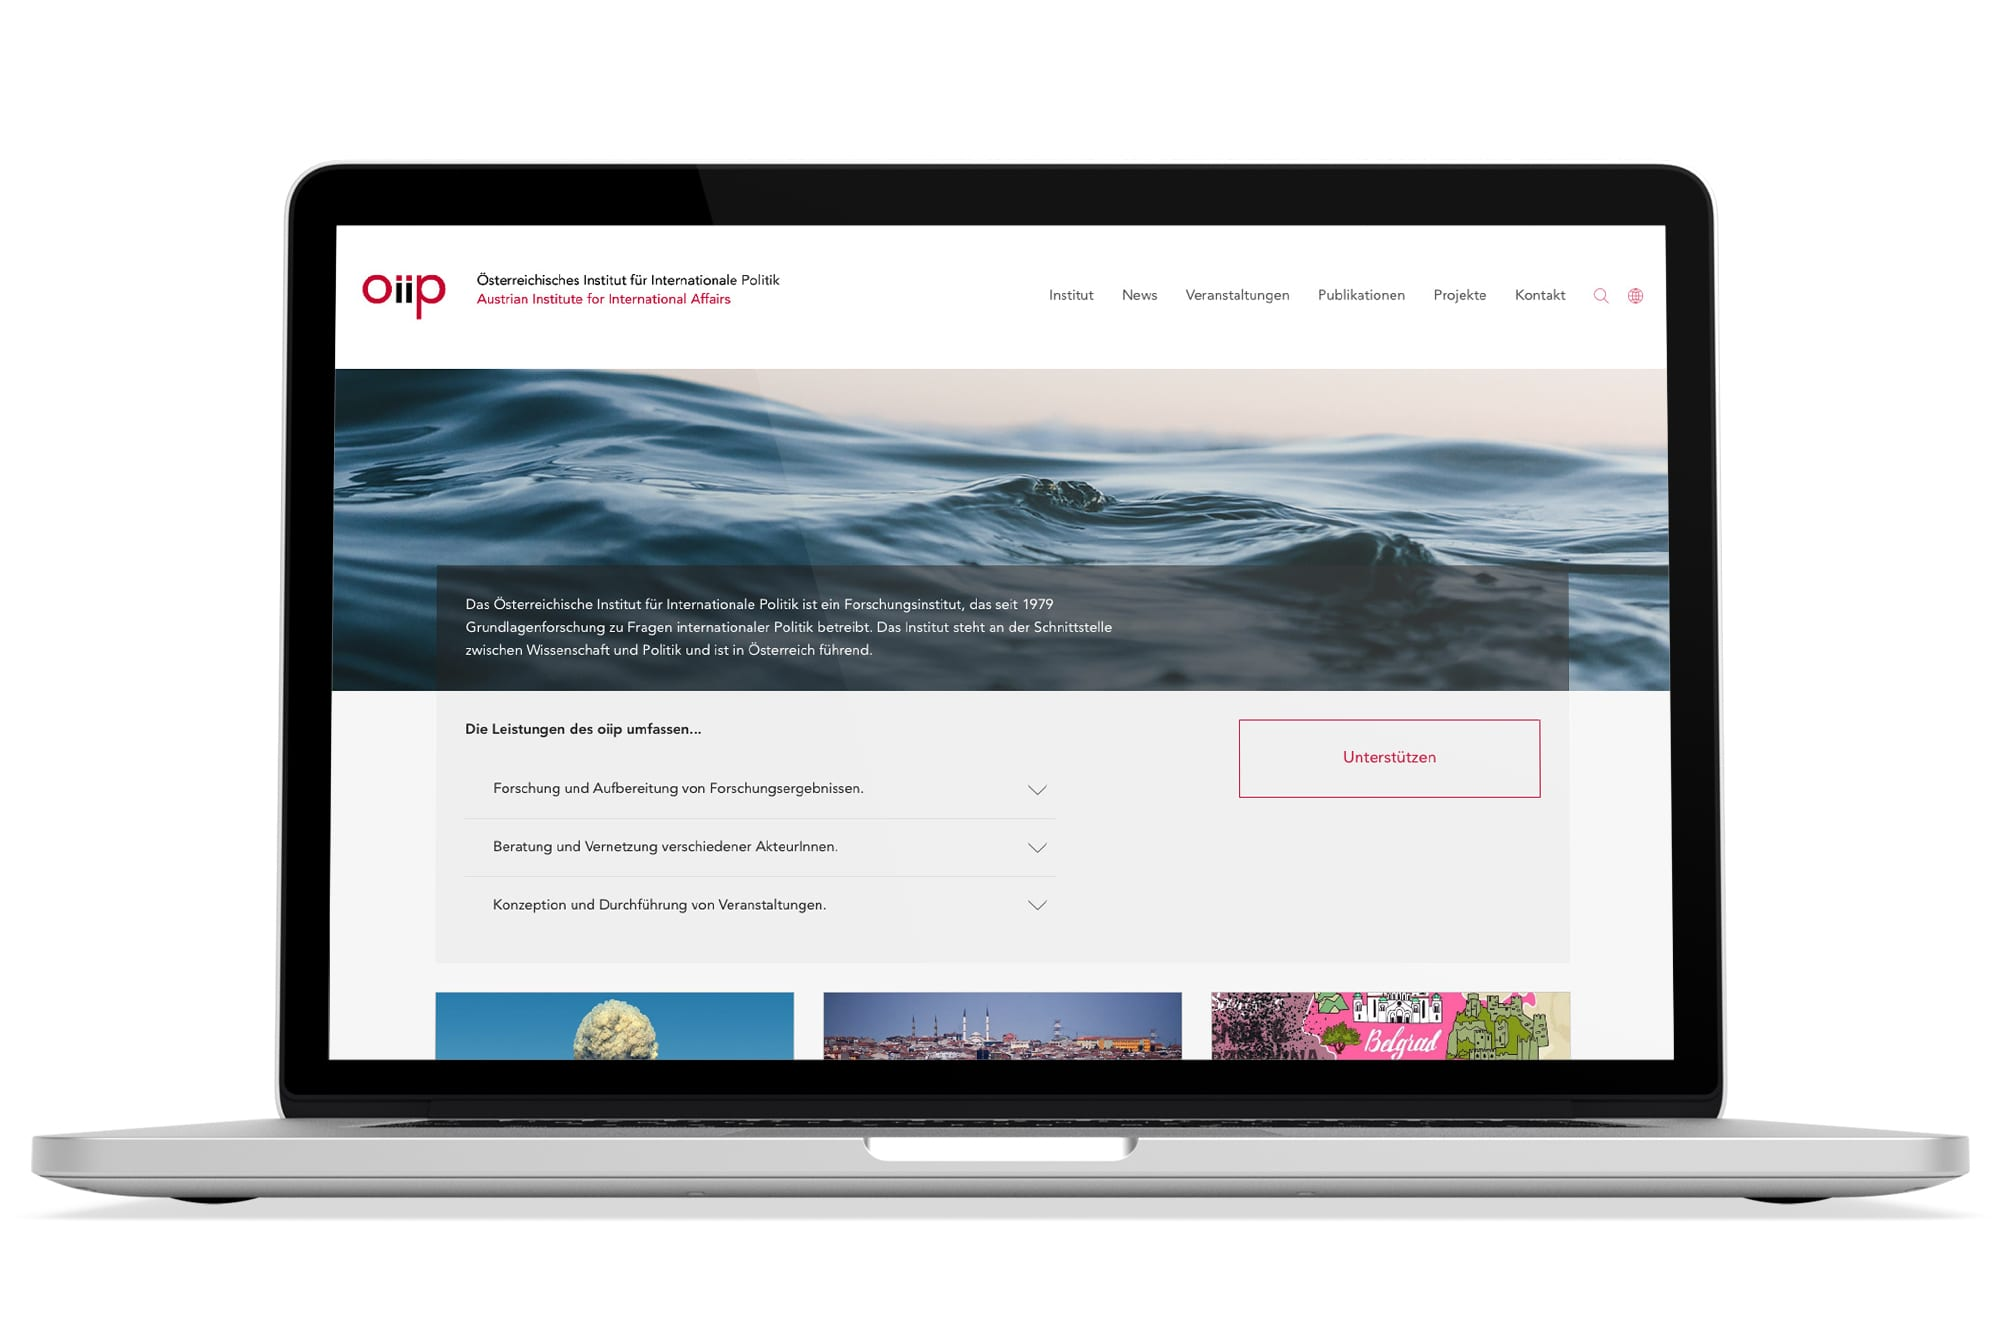 Responsive Webdesign Beispiel: Neue mobile Webseite für Institut / Verein